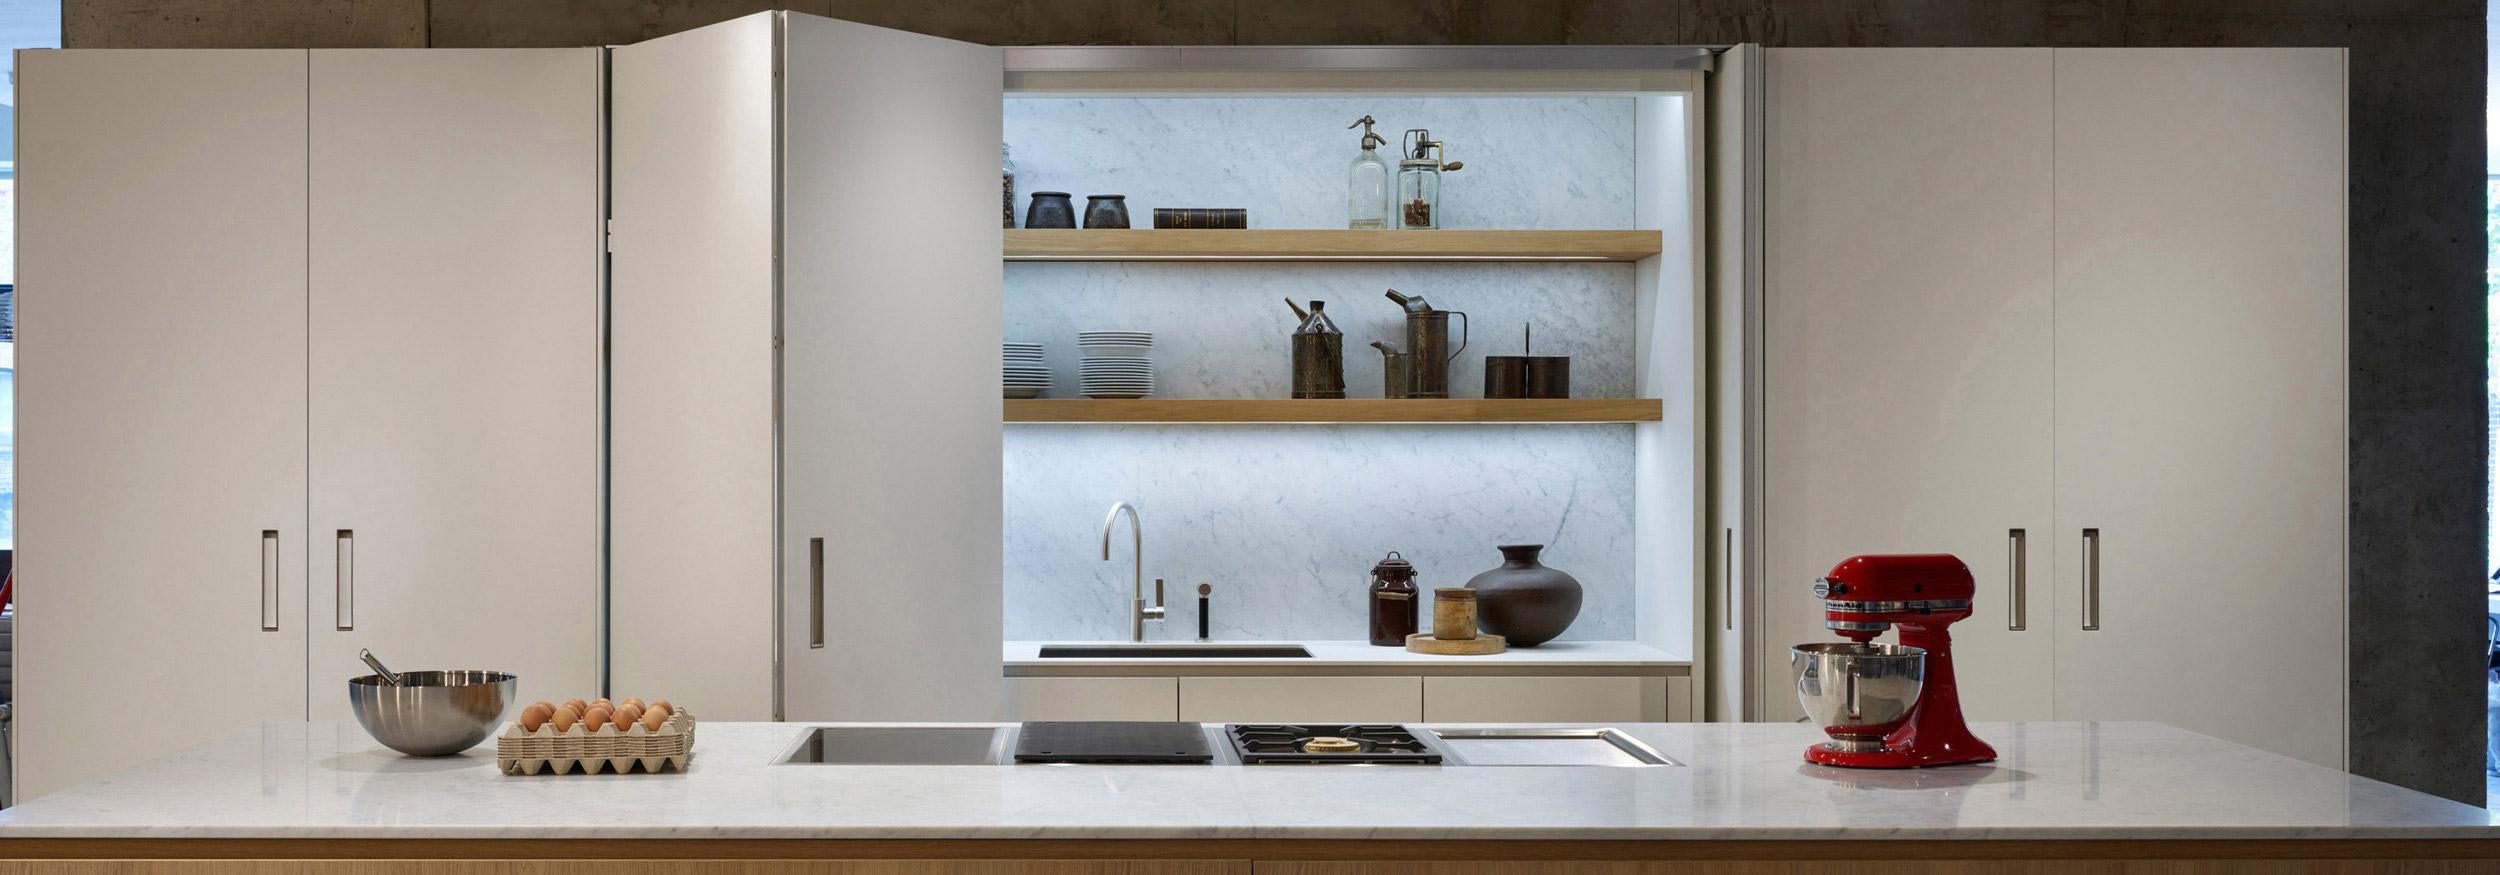 Bathroom Design Jobs London 100+ [ kitchen designer jobs london ] | best 25 very small kitchen